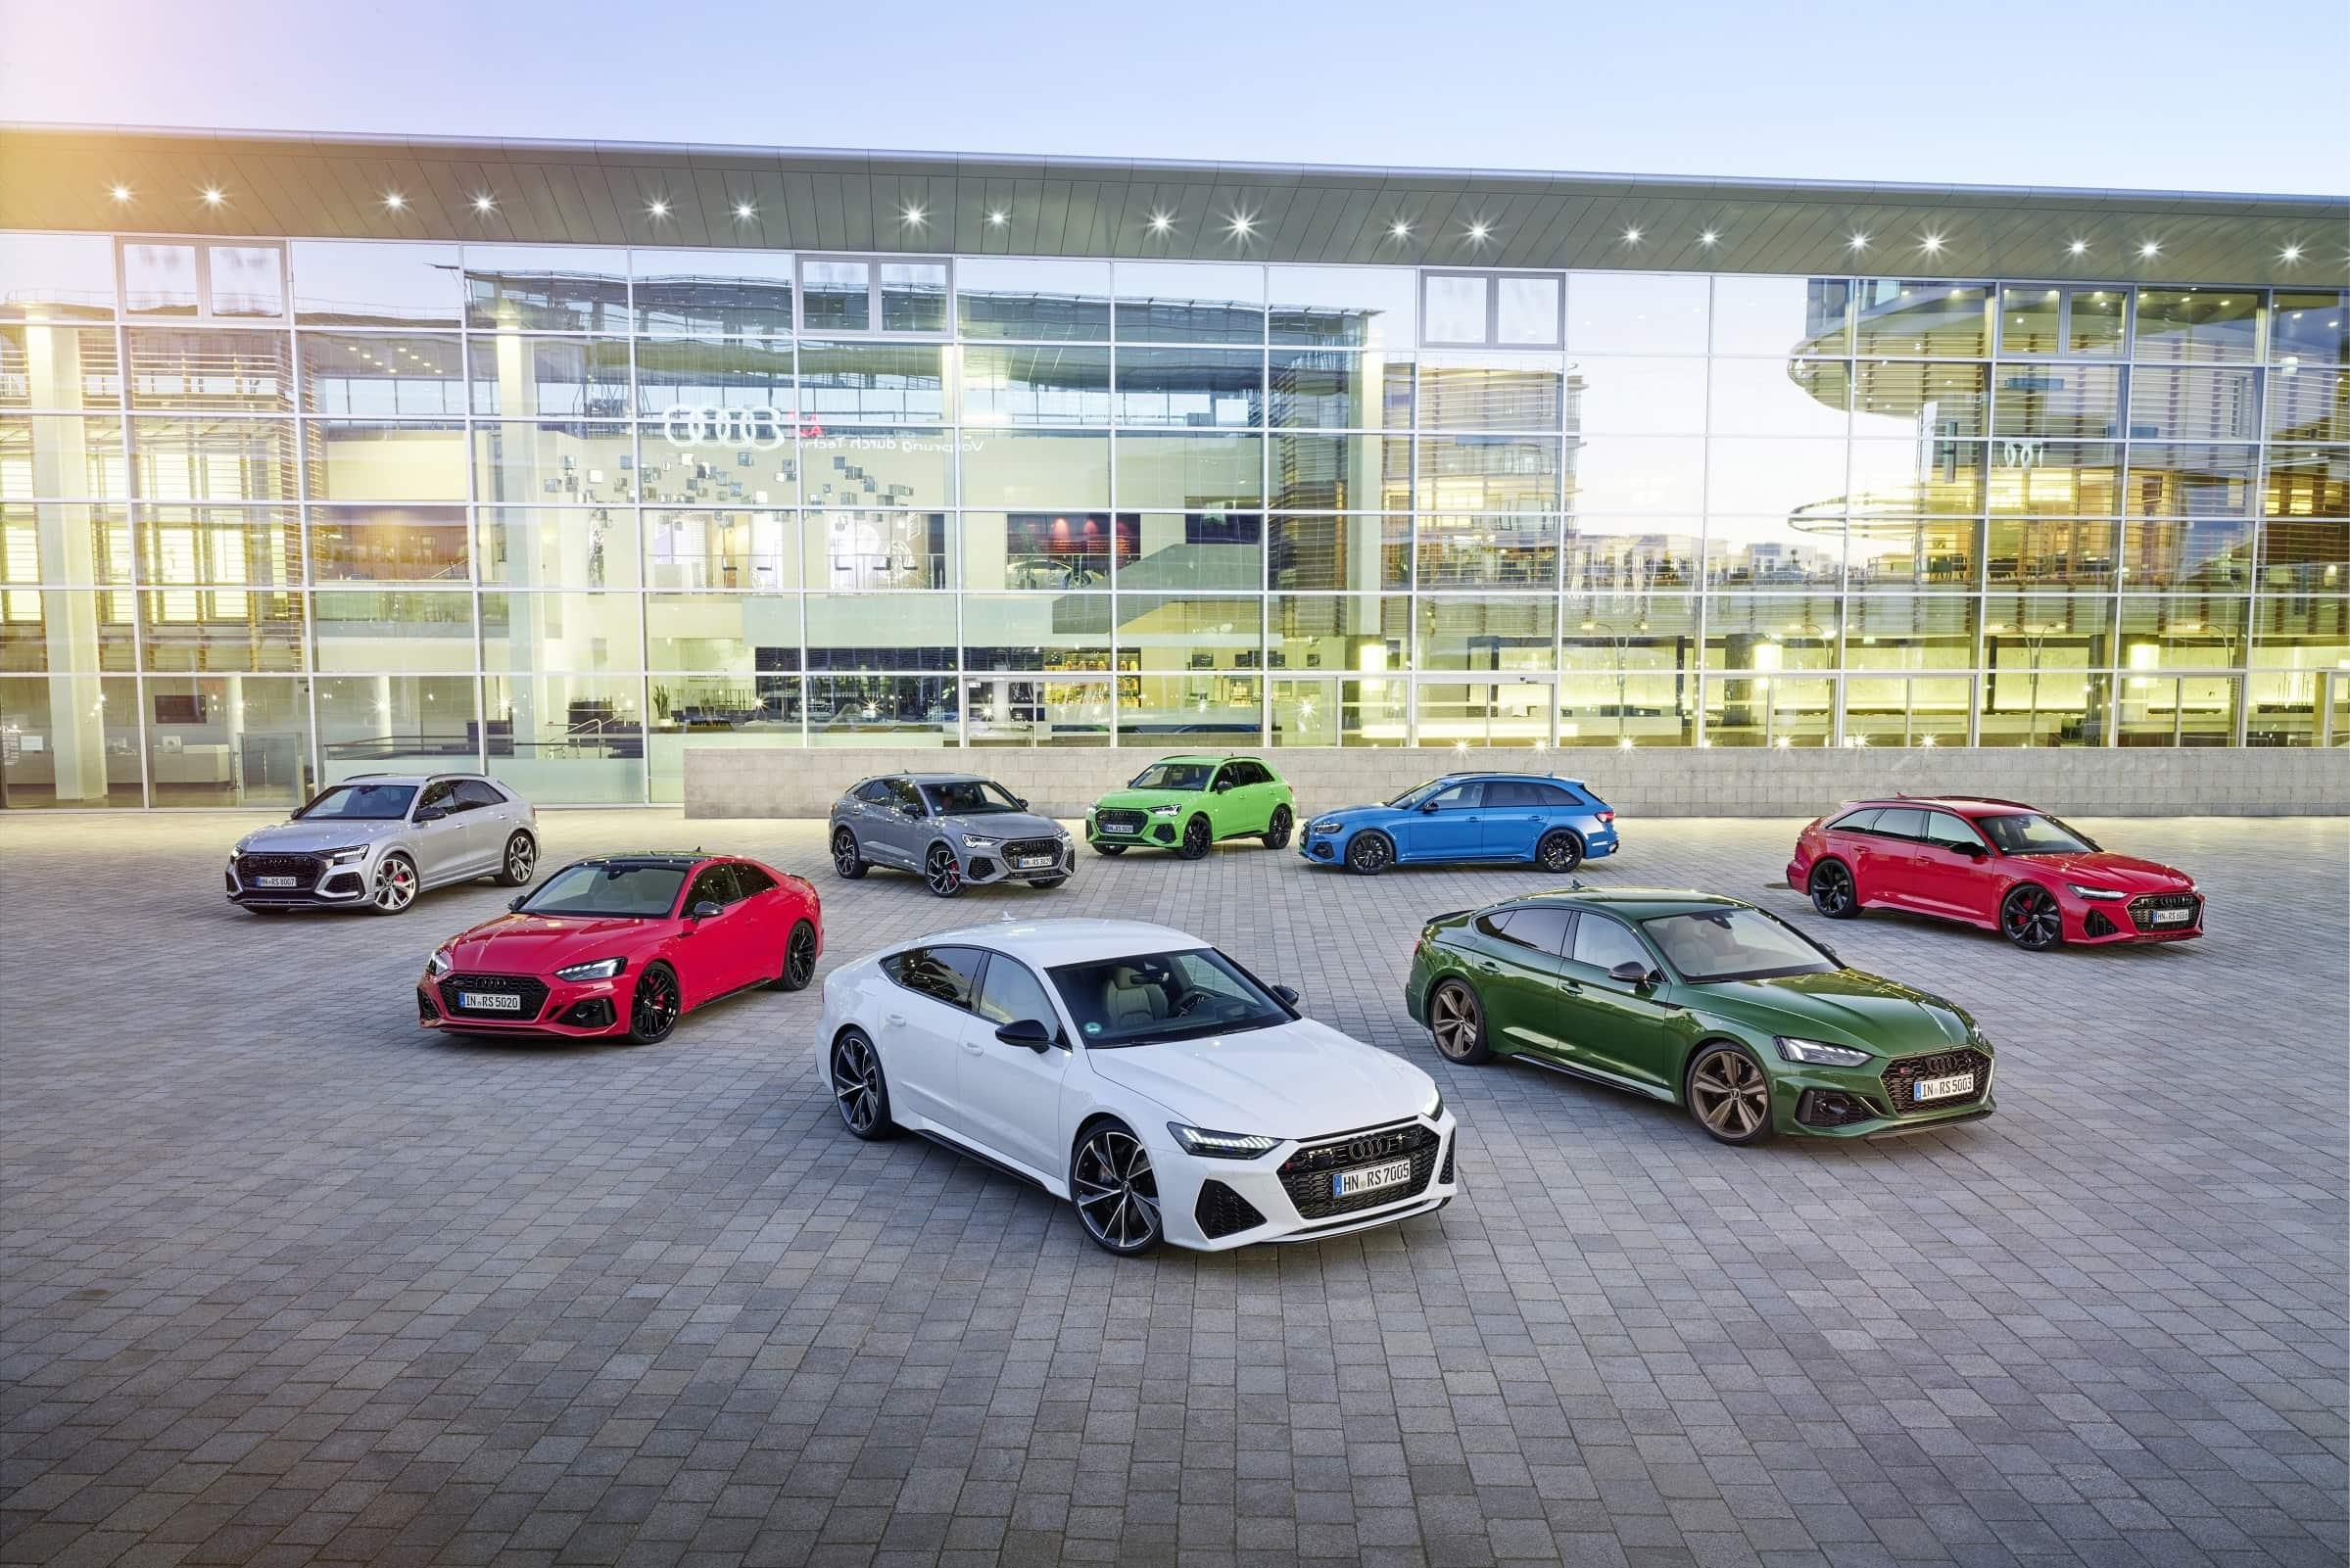 Γκάμα μοντέλων Audi RS